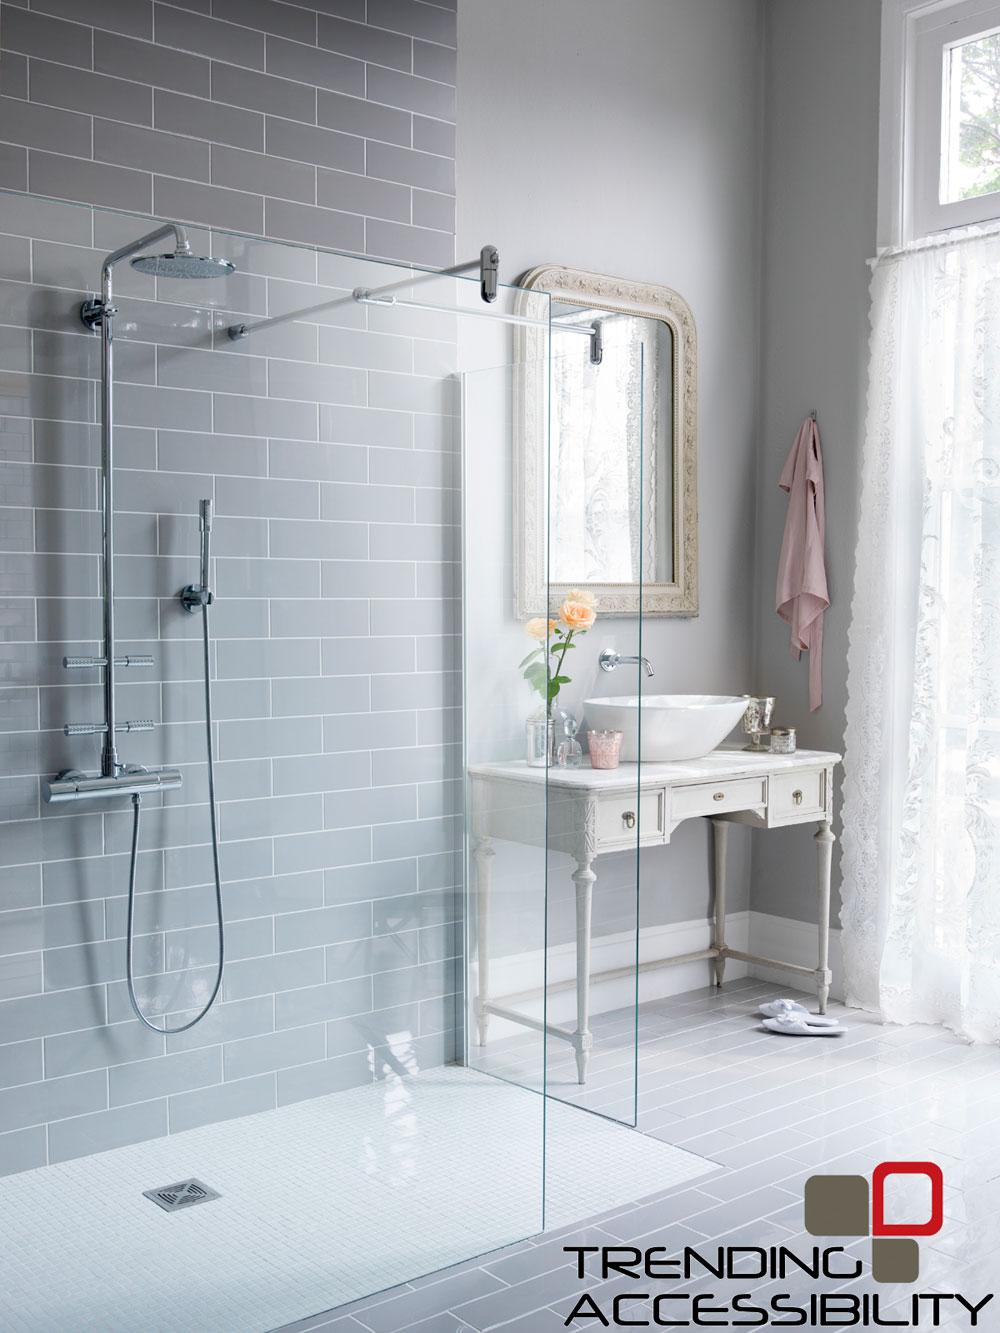 Accessible Shower Remodeling Showers Tile Shower